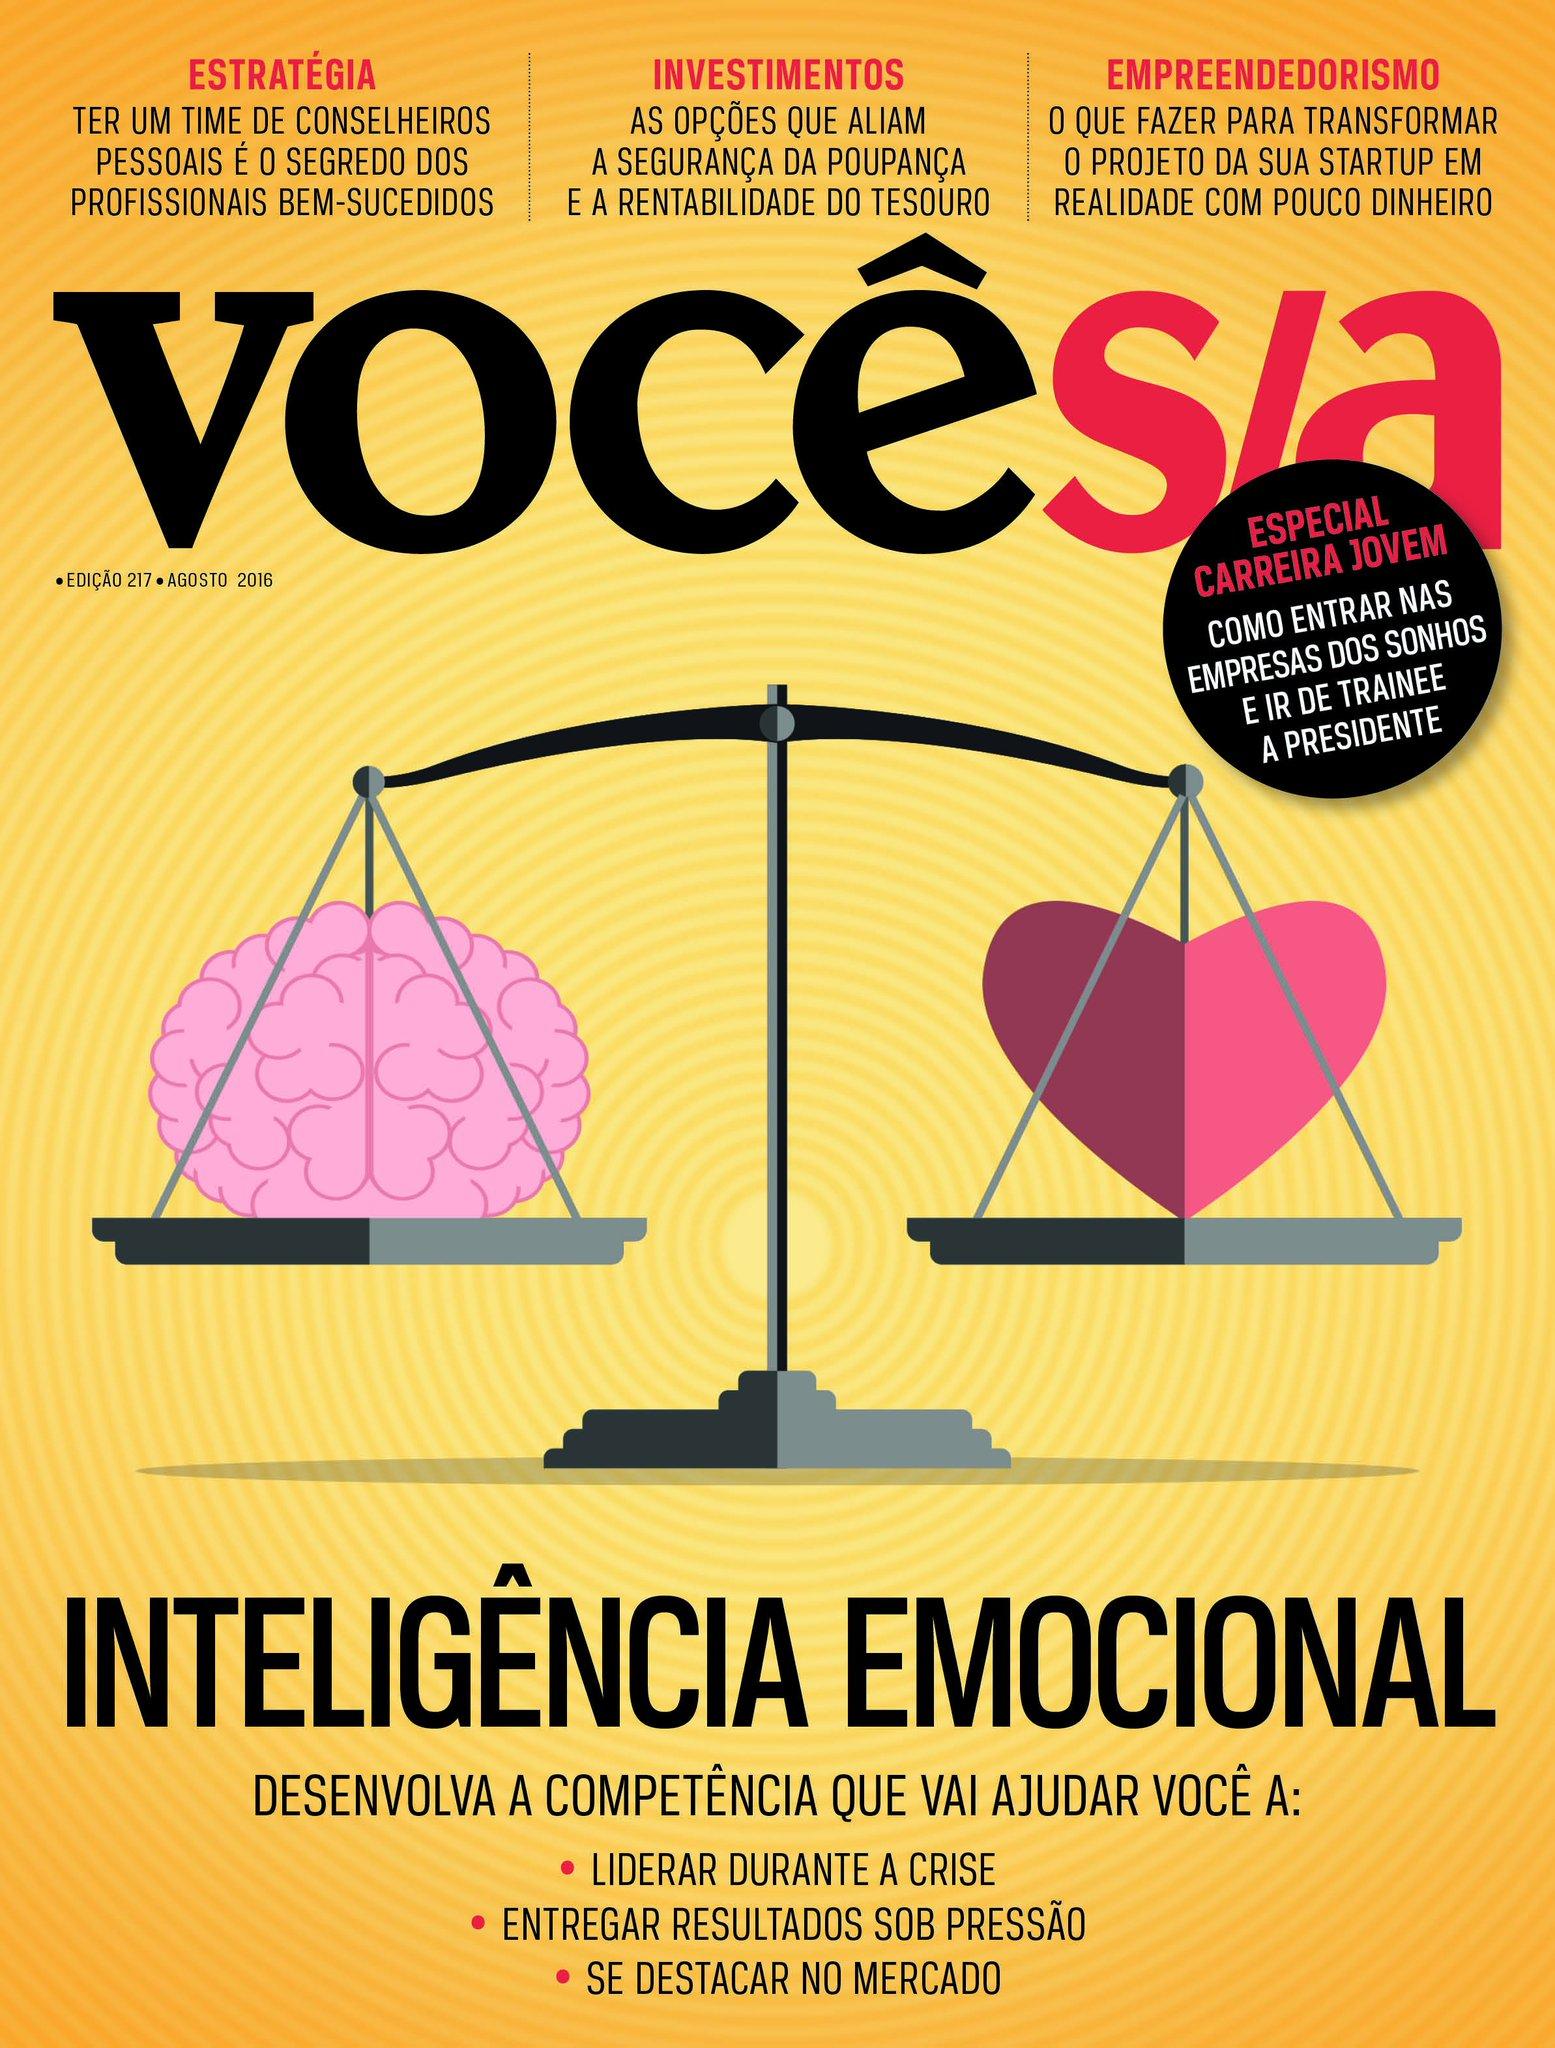 Como lidar com emoções como ansiedade e medo em meio a uma crise? Confira na nova edição da @vocesa, já nas bancas! https://t.co/OMHJyU2EtU